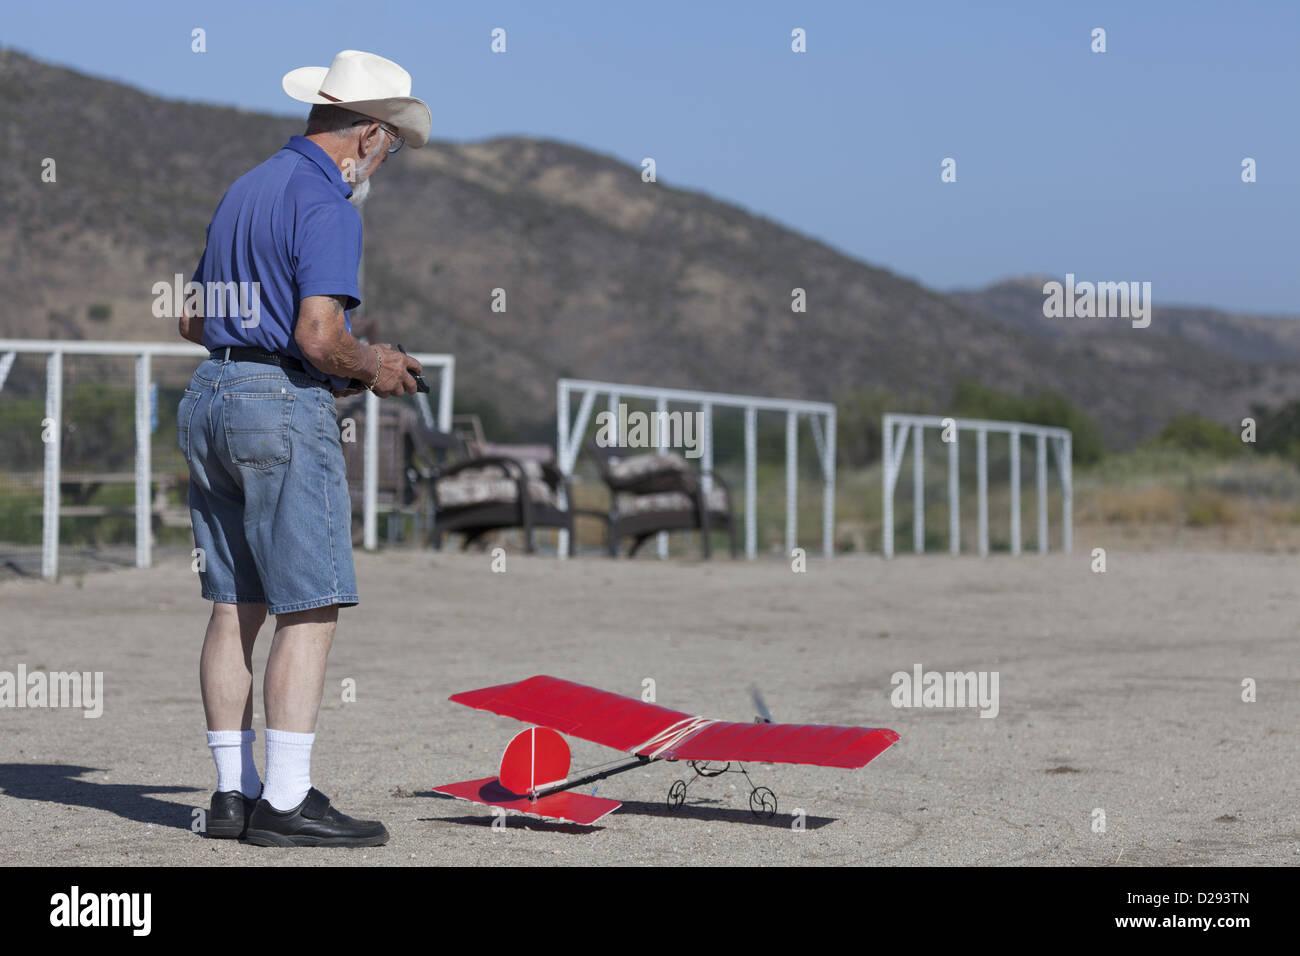 Senior man with a model airplane at model aircraft flying club at Rancho California RV Resort USA - Stock Image